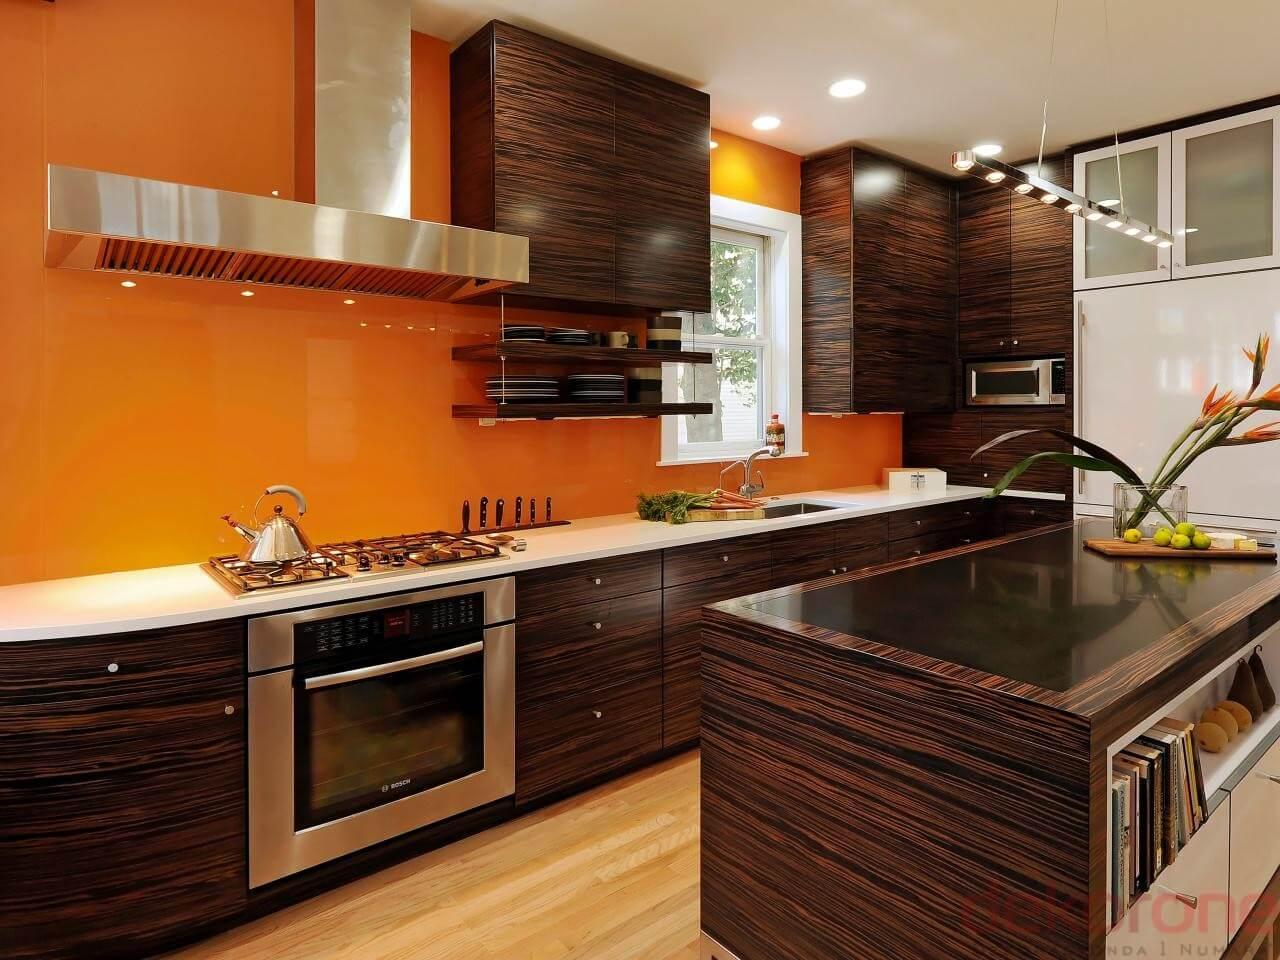 Кухня в теплых тонах  № 889880  скачать